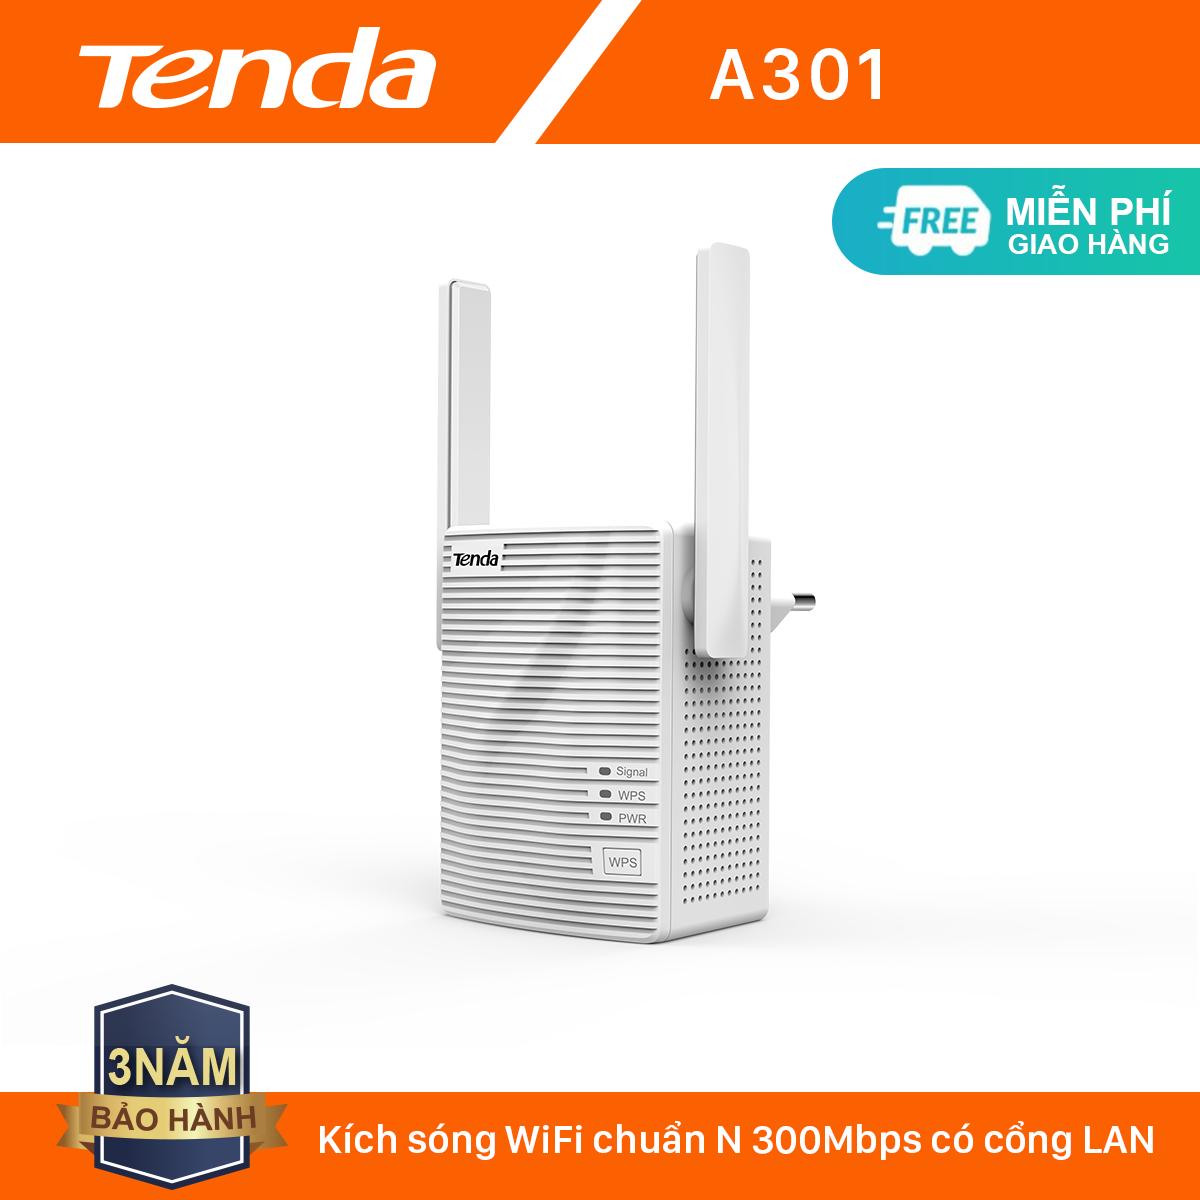 Tenda Bộ kích sóng Wifi A301 Chuẩn N 300Mbps – Hãng phân phối chính thức